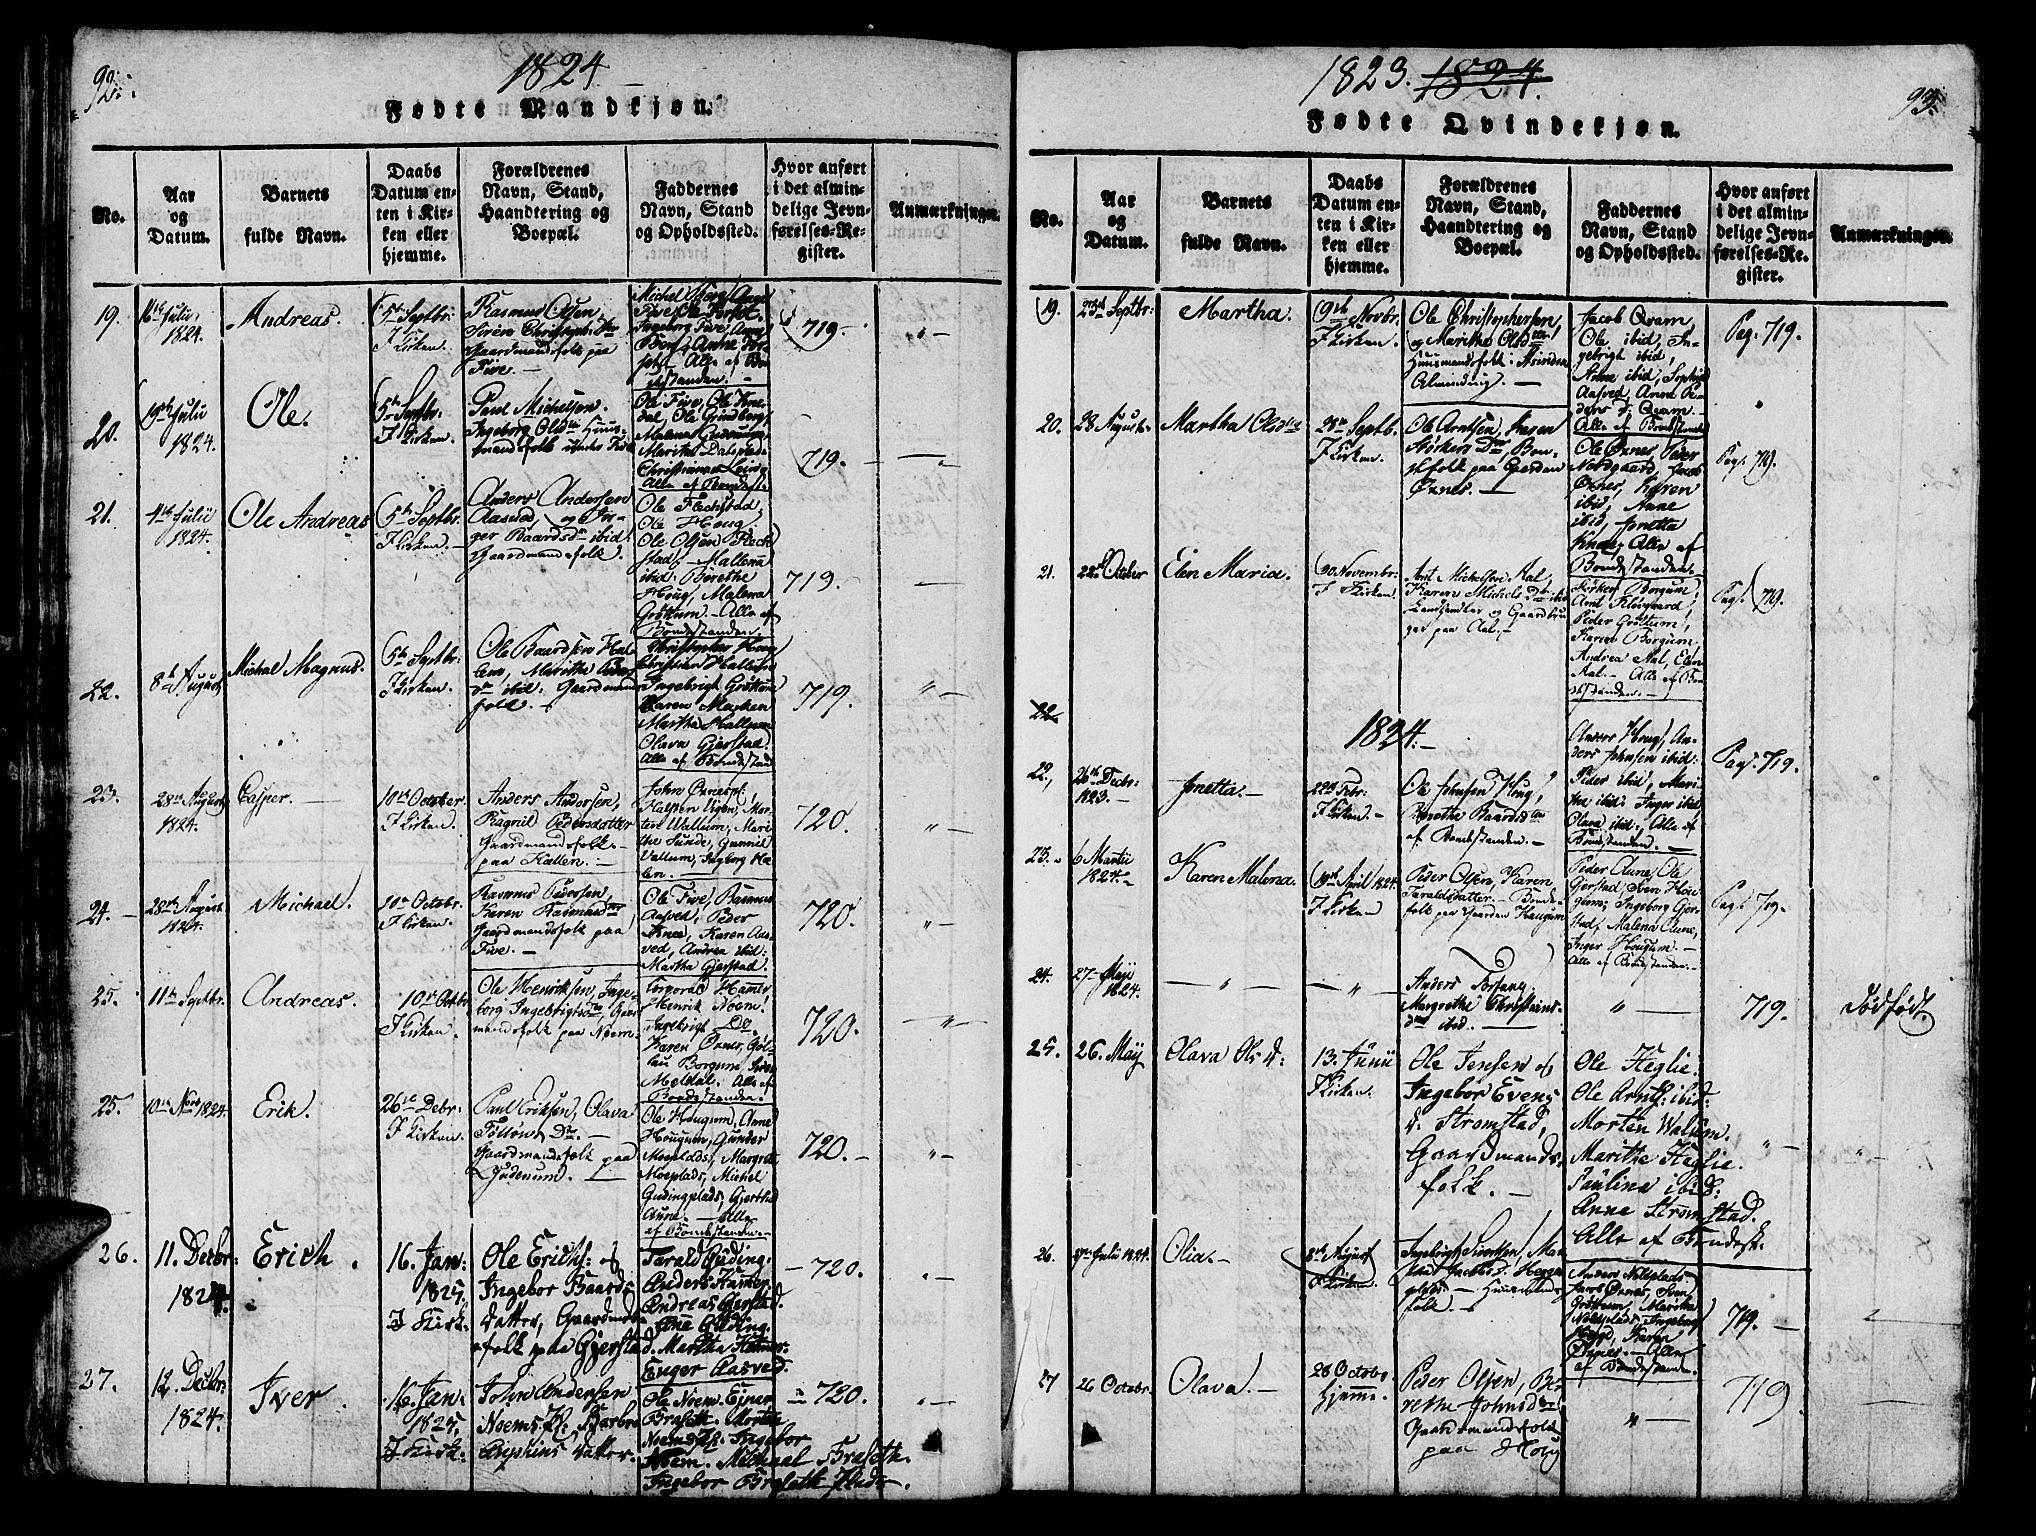 SAT, Ministerialprotokoller, klokkerbøker og fødselsregistre - Nord-Trøndelag, 746/L0441: Ministerialbok nr. 746A03 /2, 1816-1827, s. 92-93